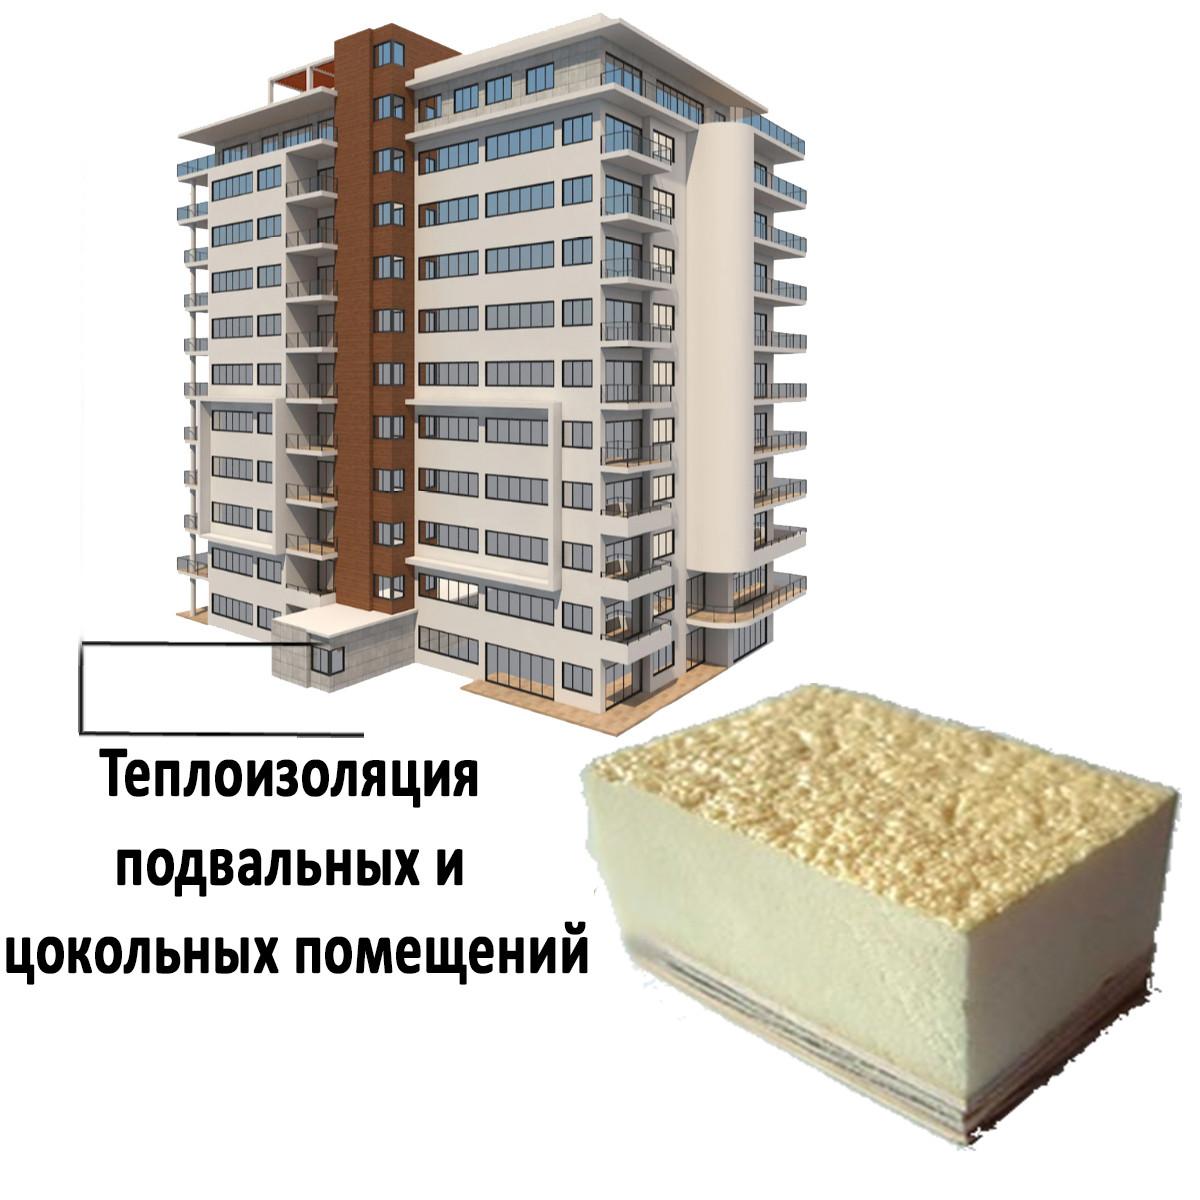 Наружная теплоизоляция пенополиуретаном подвальных и цокольных помещений